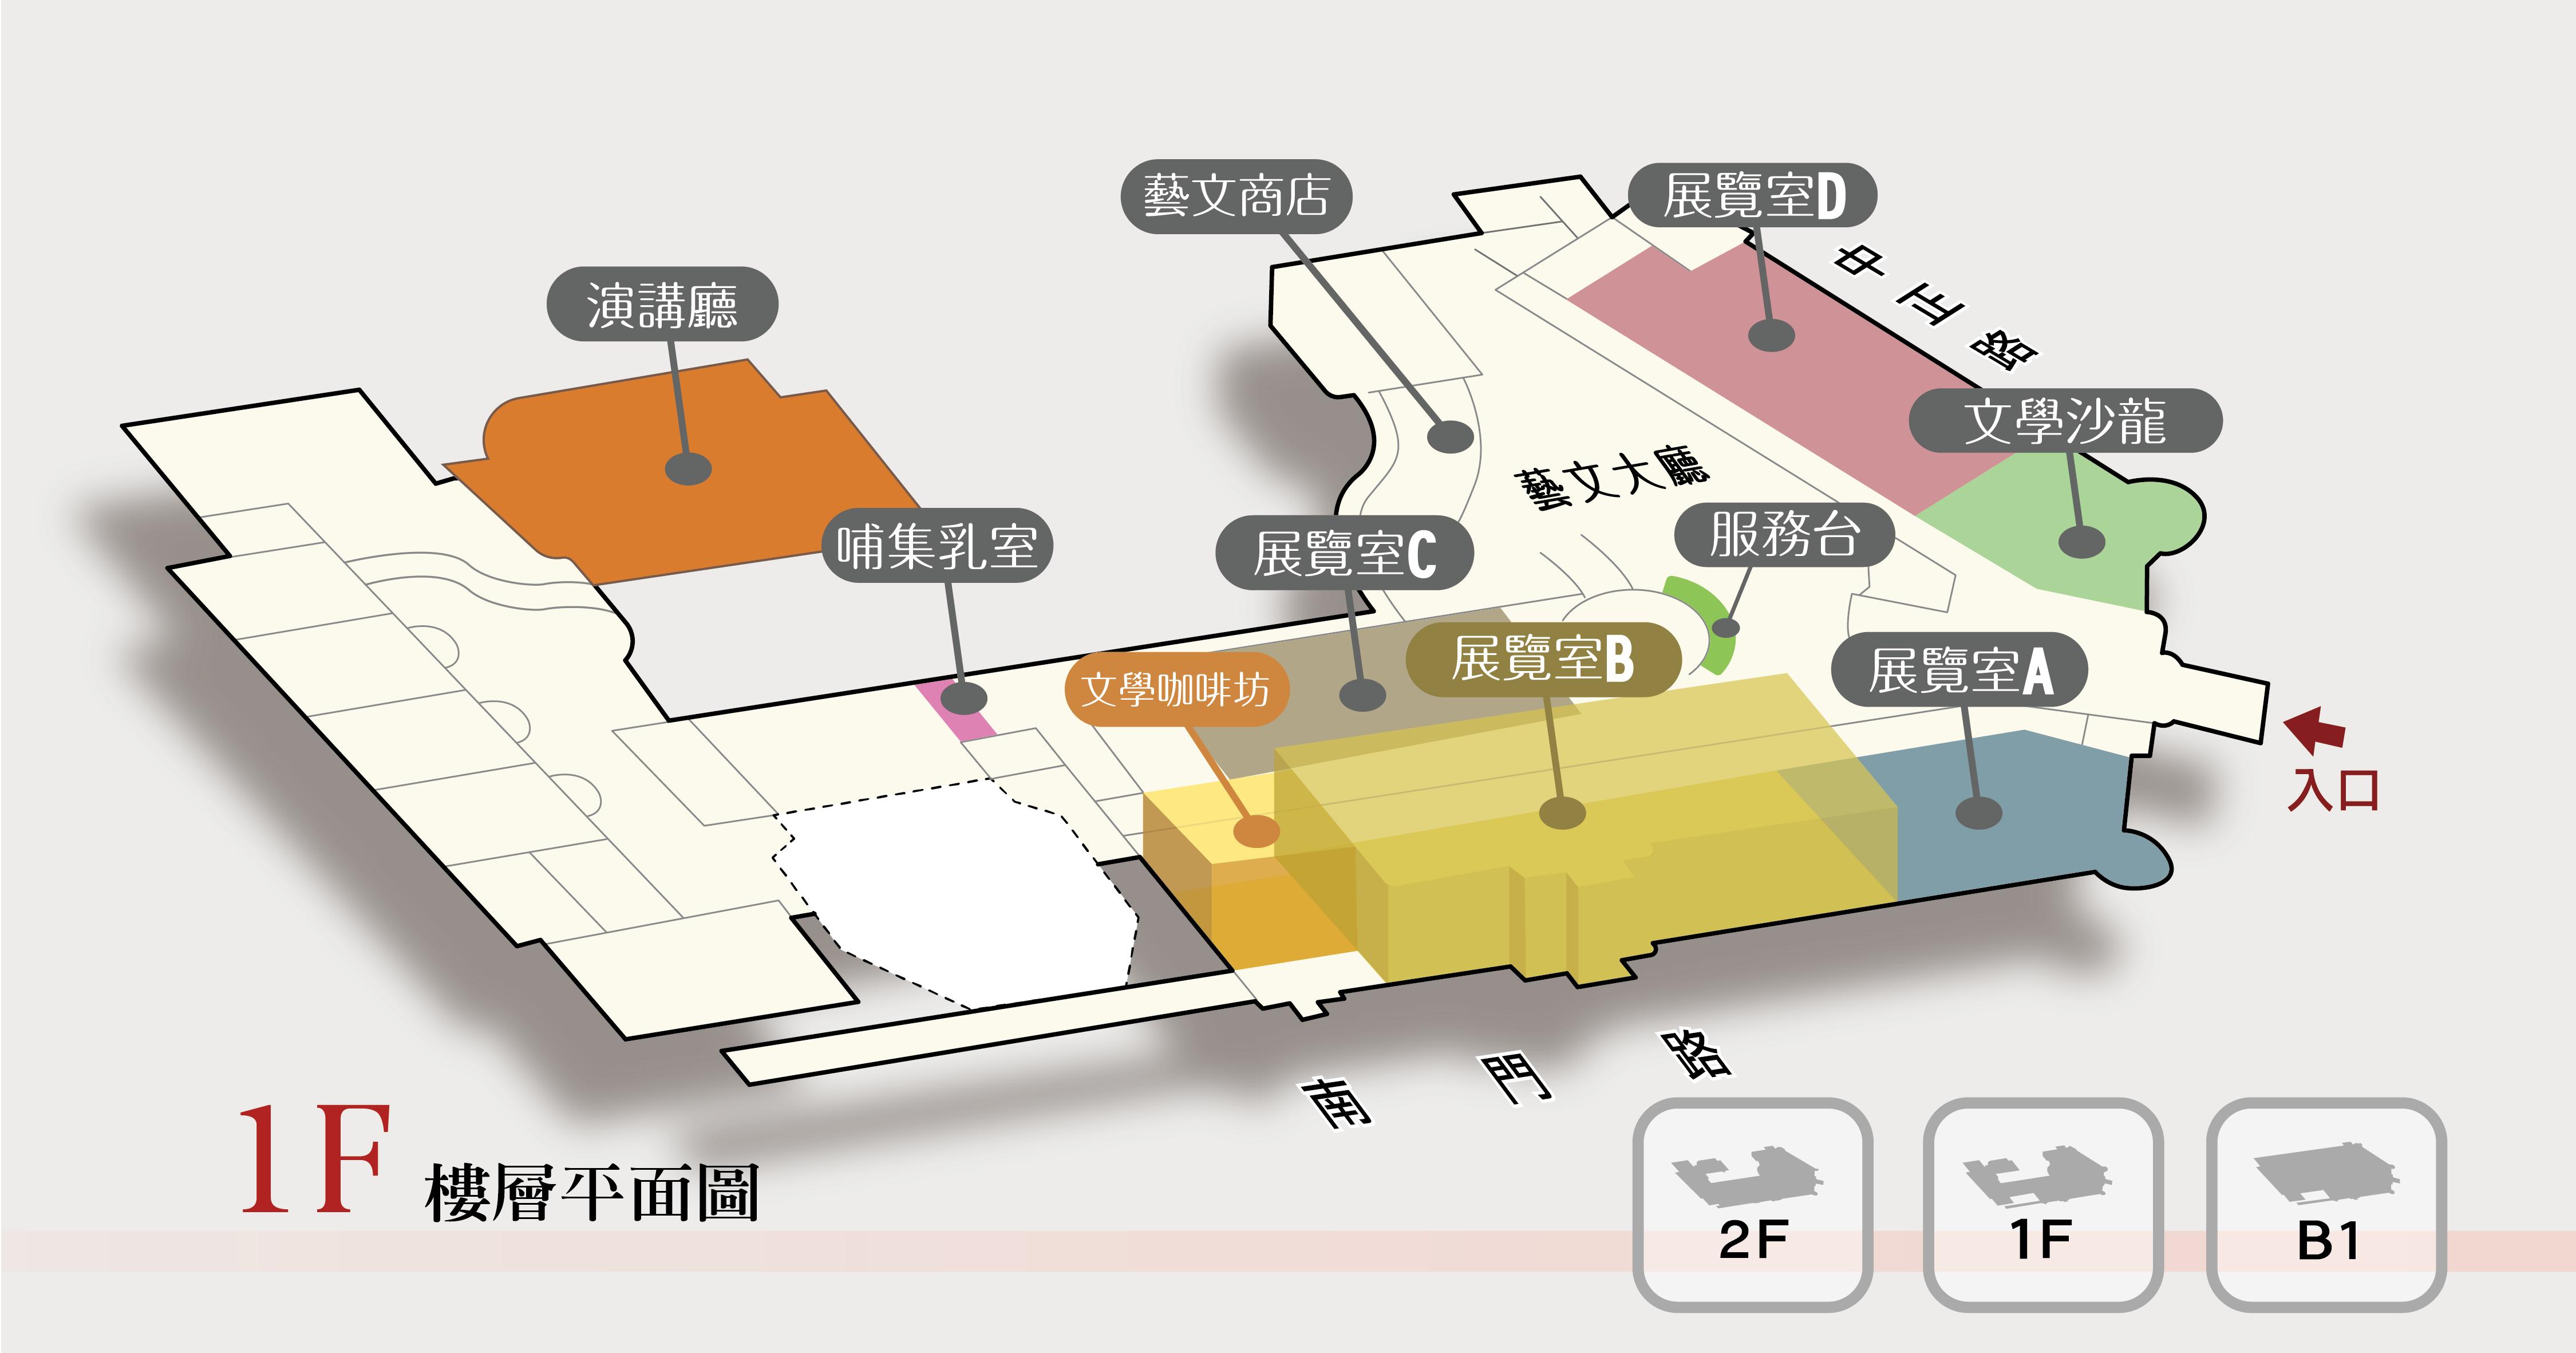 0906-文學館-張大哥-平面圖-1F.png